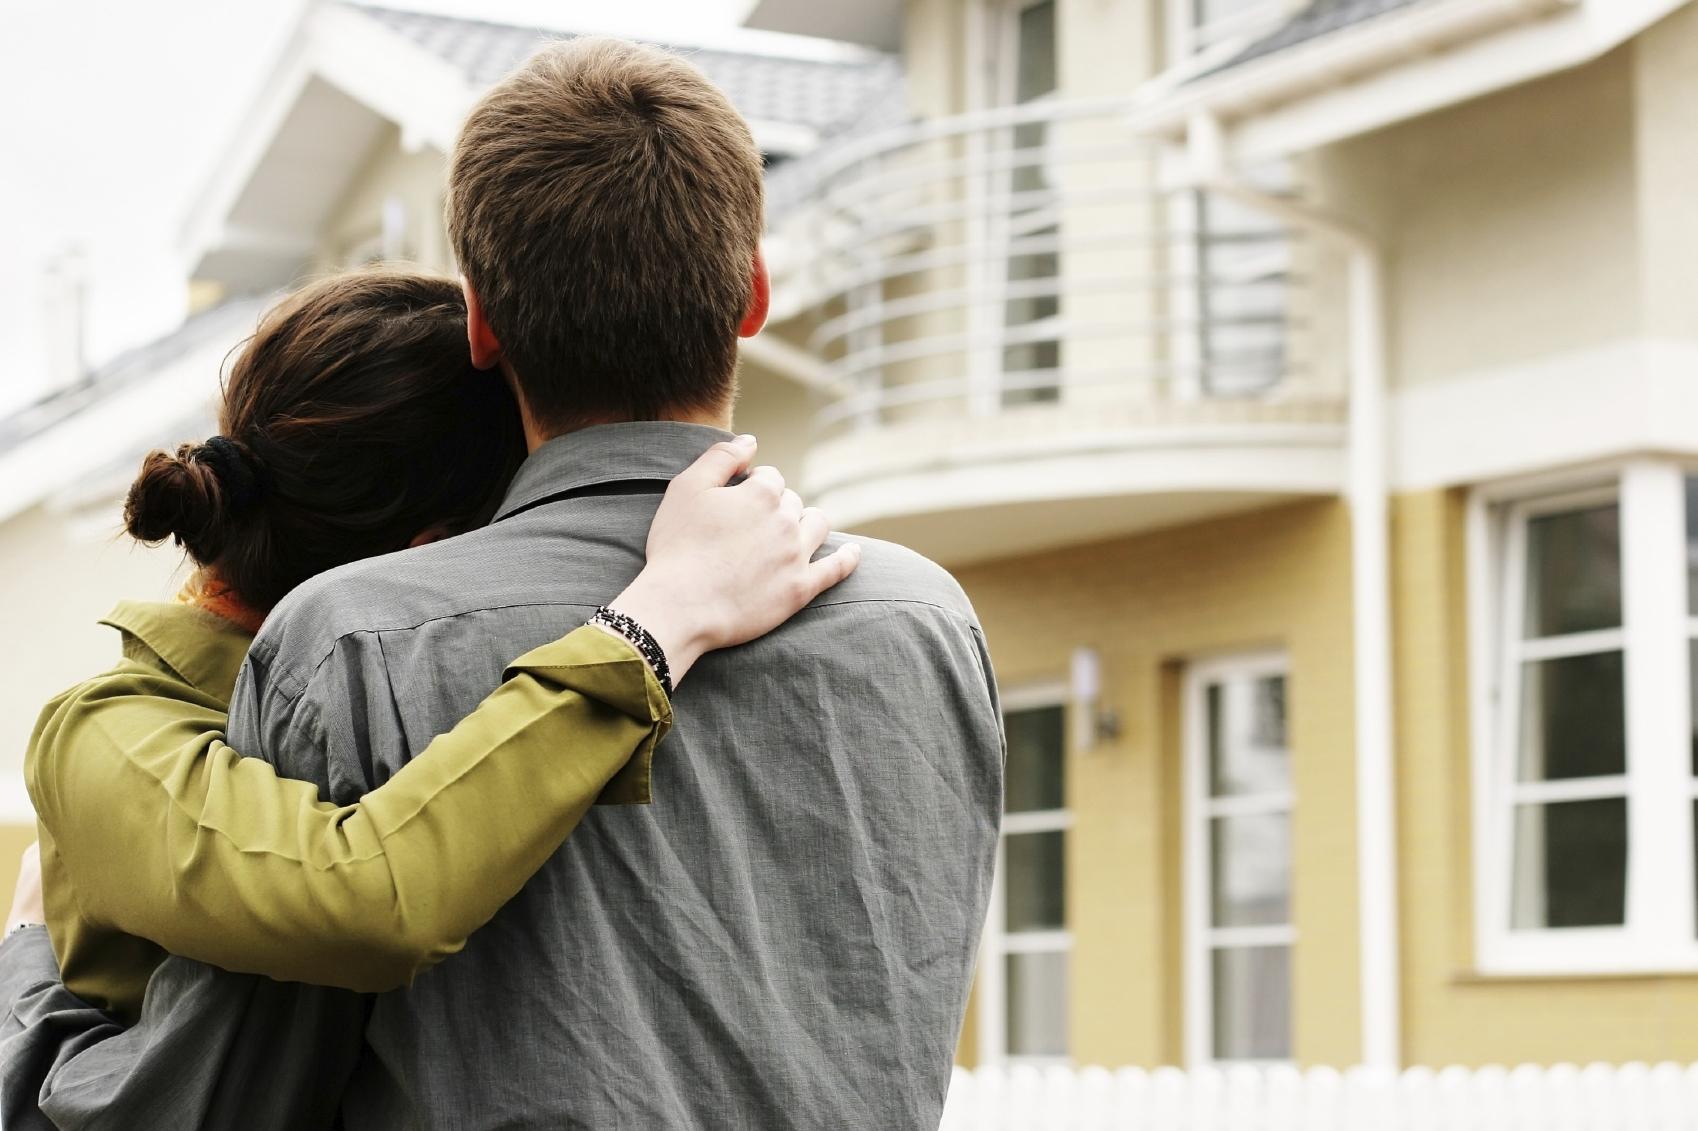 Qué derechos tienen los consumidores en la compra de vivienda